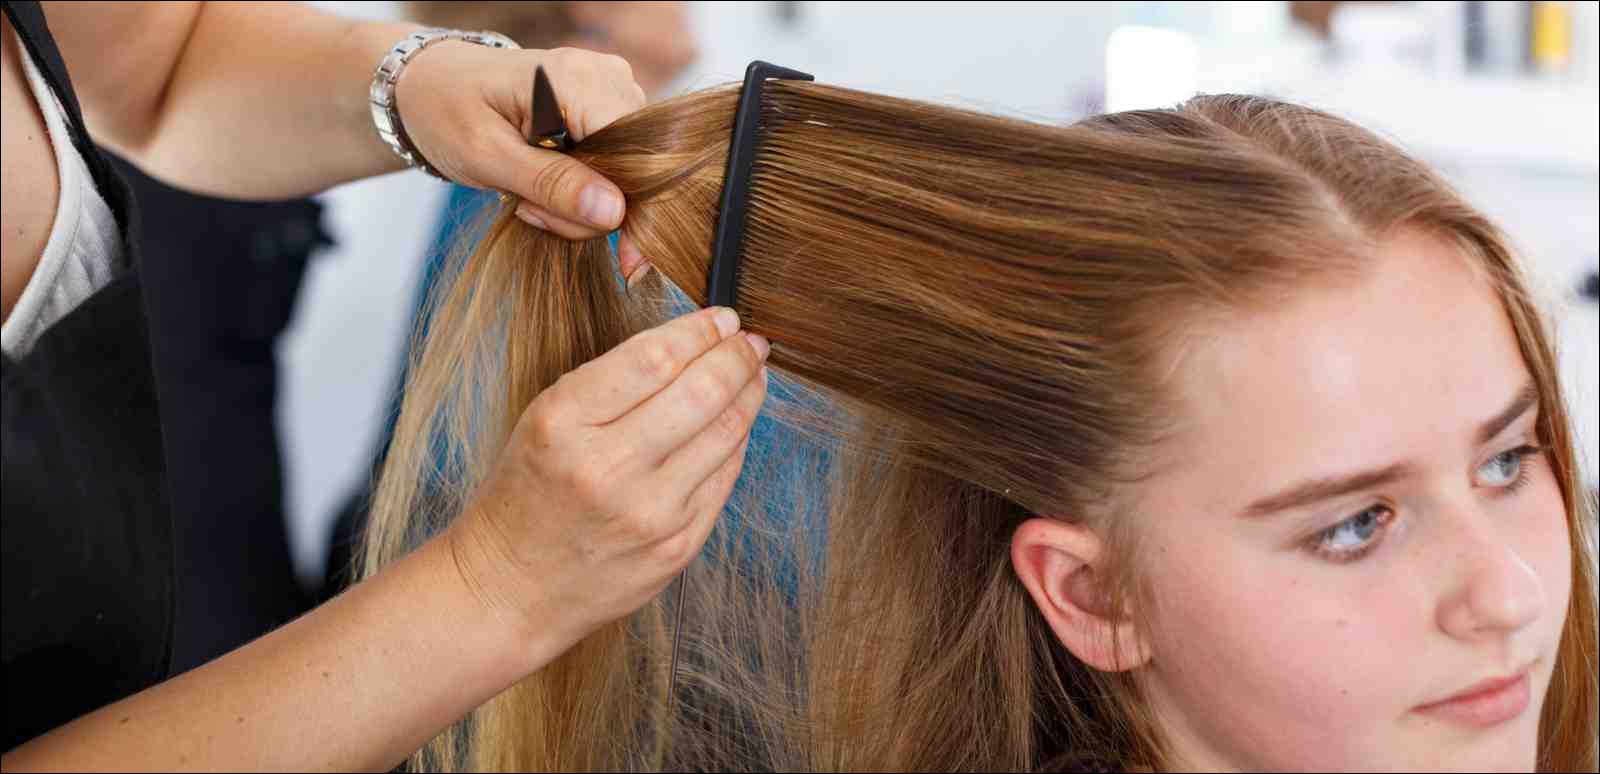 closeup of hairdresser styling teen girl's hair